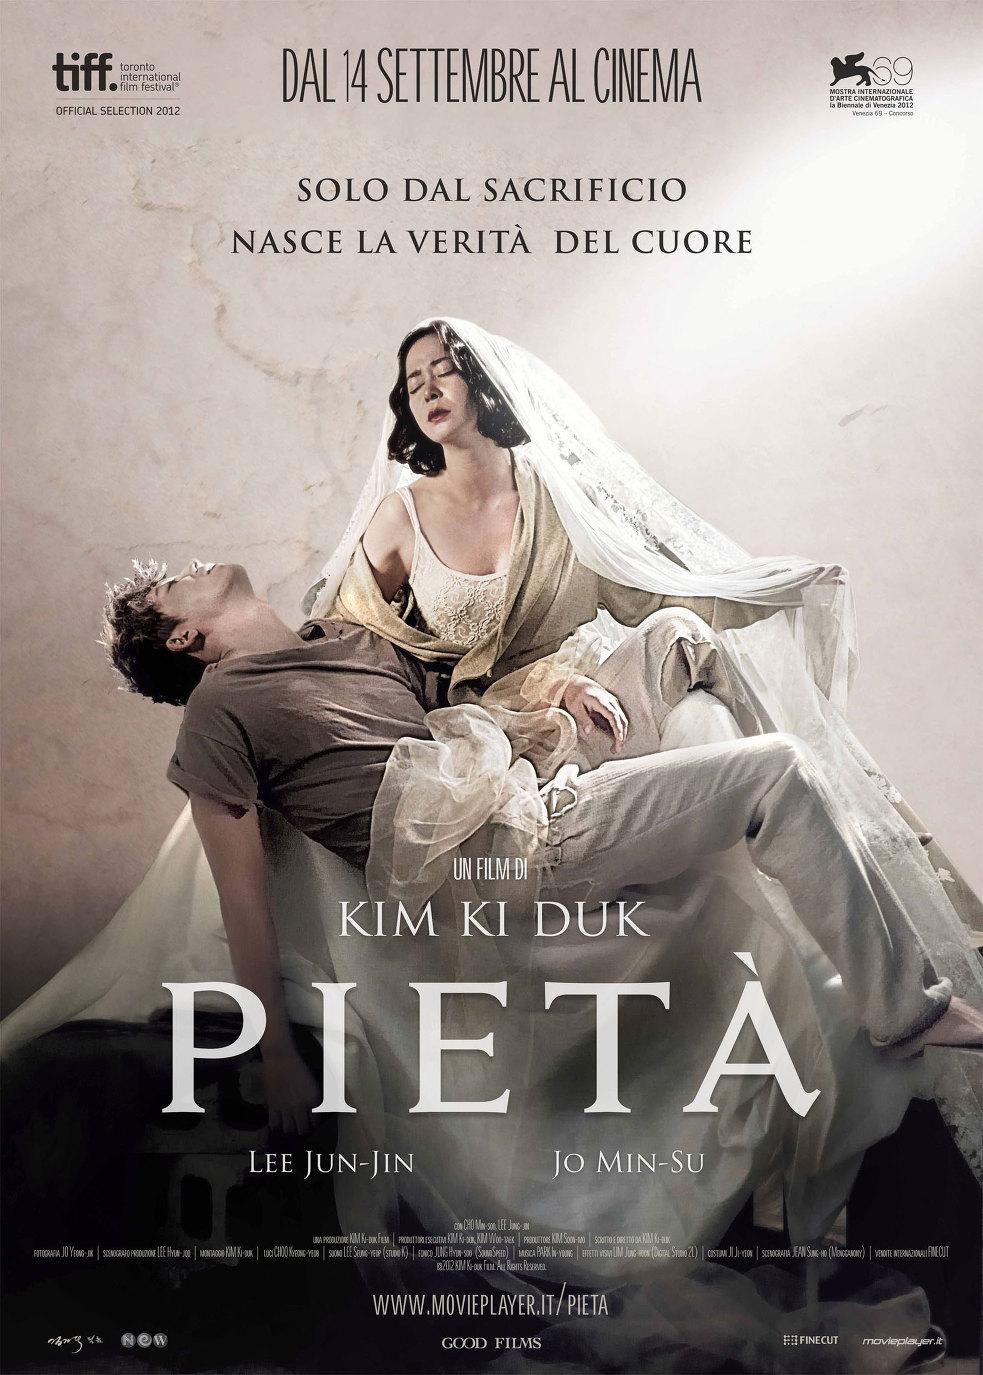 Pieta ปีเอตา คนบาปล้างโฉด